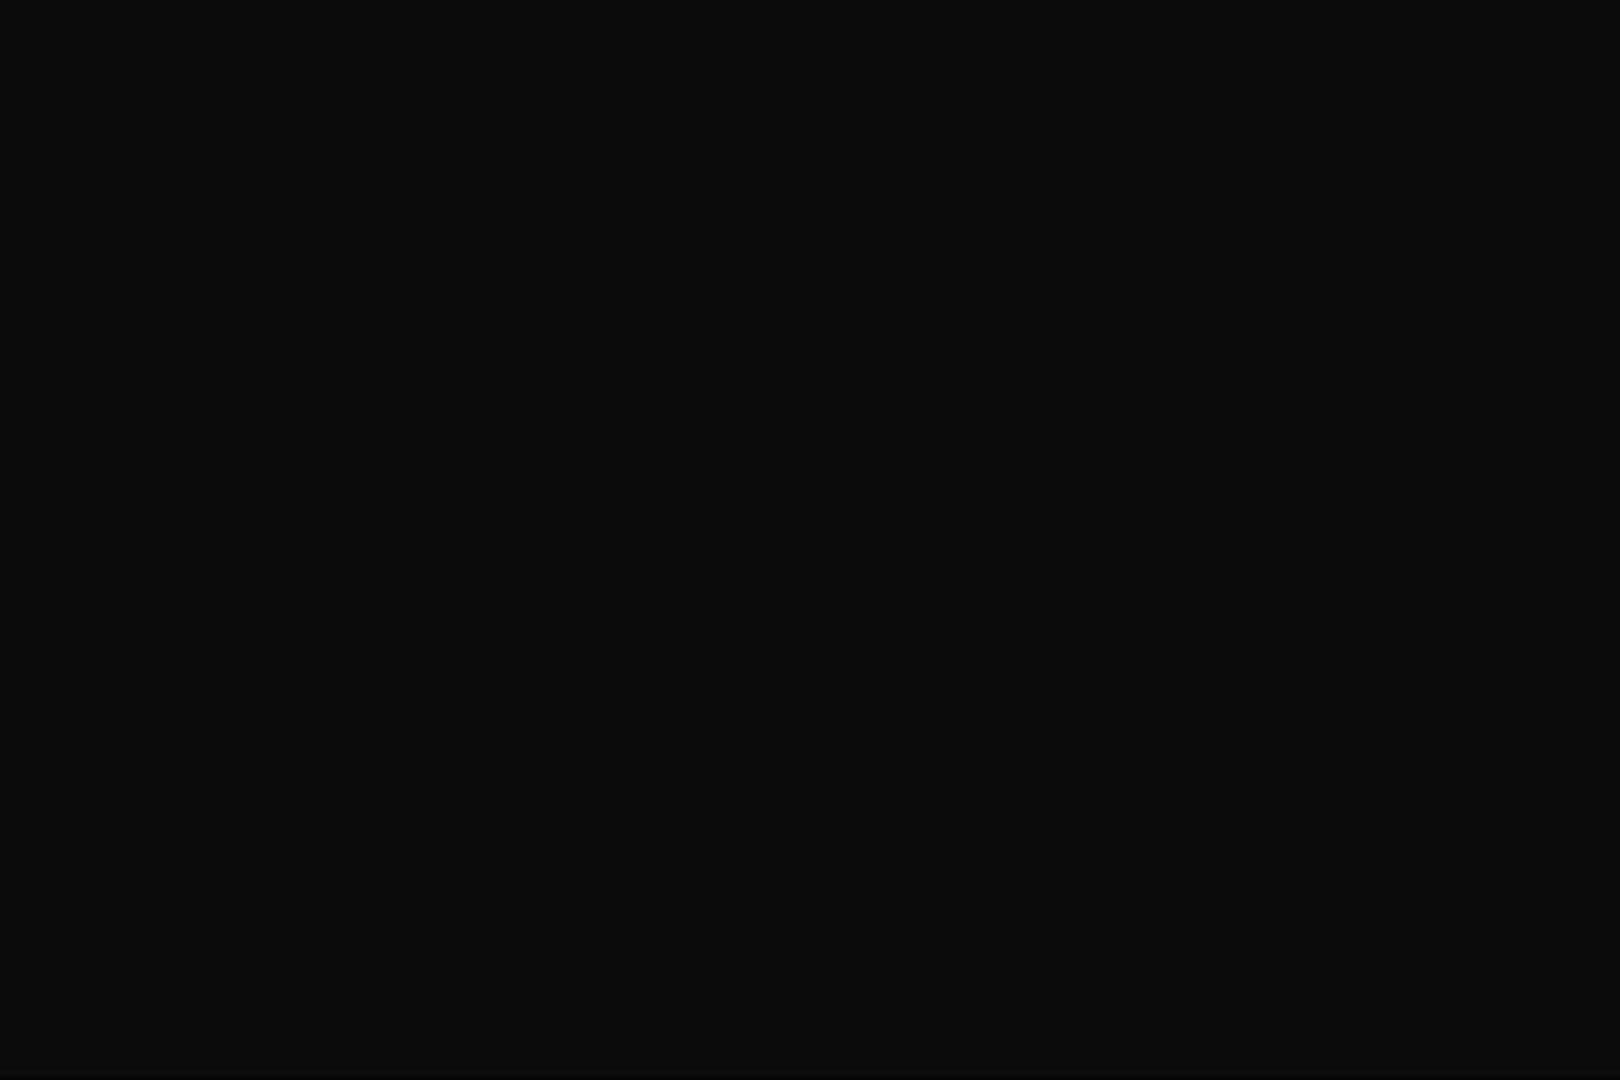 雑居ビル洗面所只今使用禁止中!Vol.3 洗面所突入 性交動画流出 73pic 38